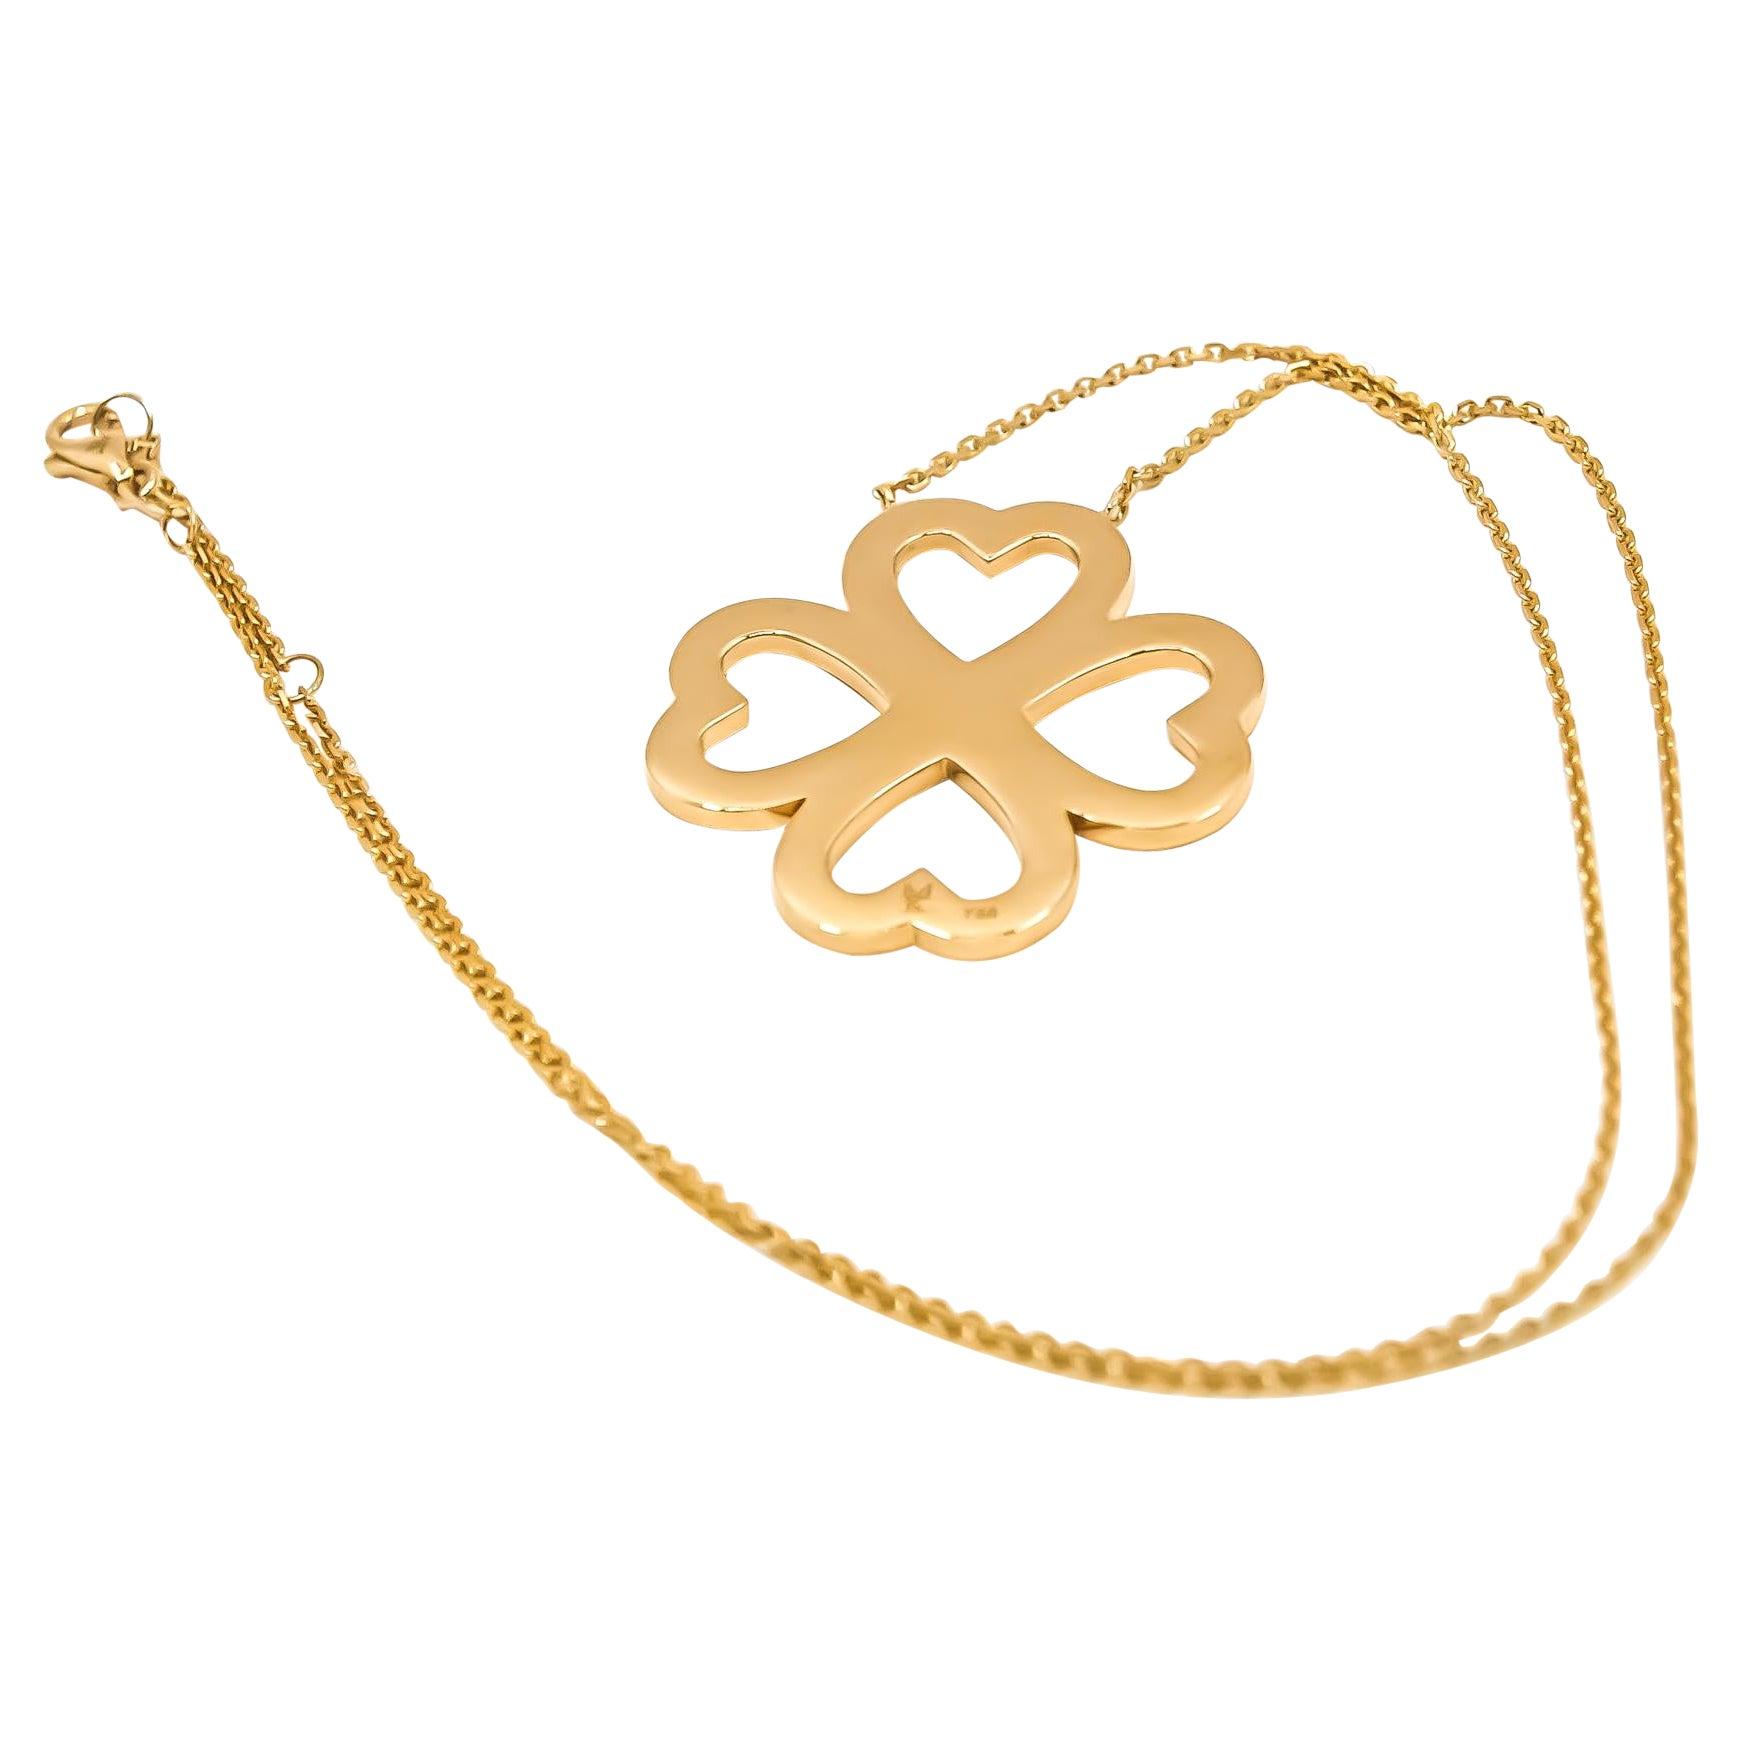 Heart Blossom Pendant in 18kt Gold